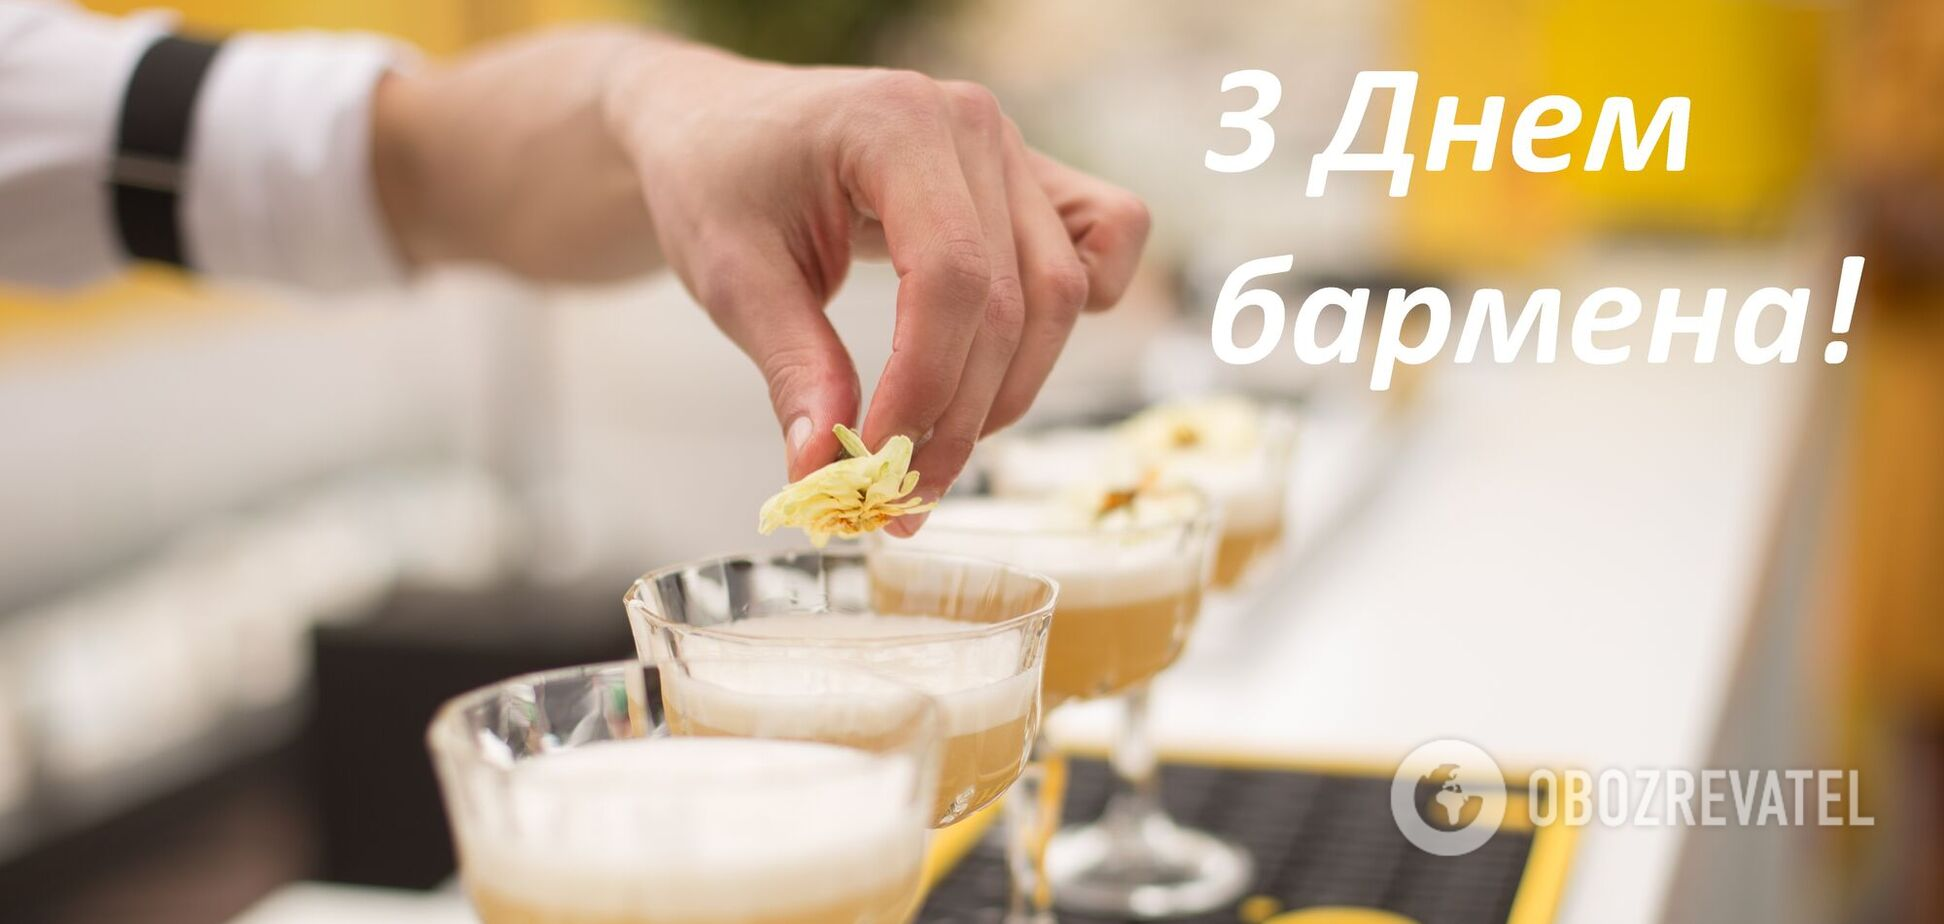 Міжнародний день бармена відзначається 6 лютого